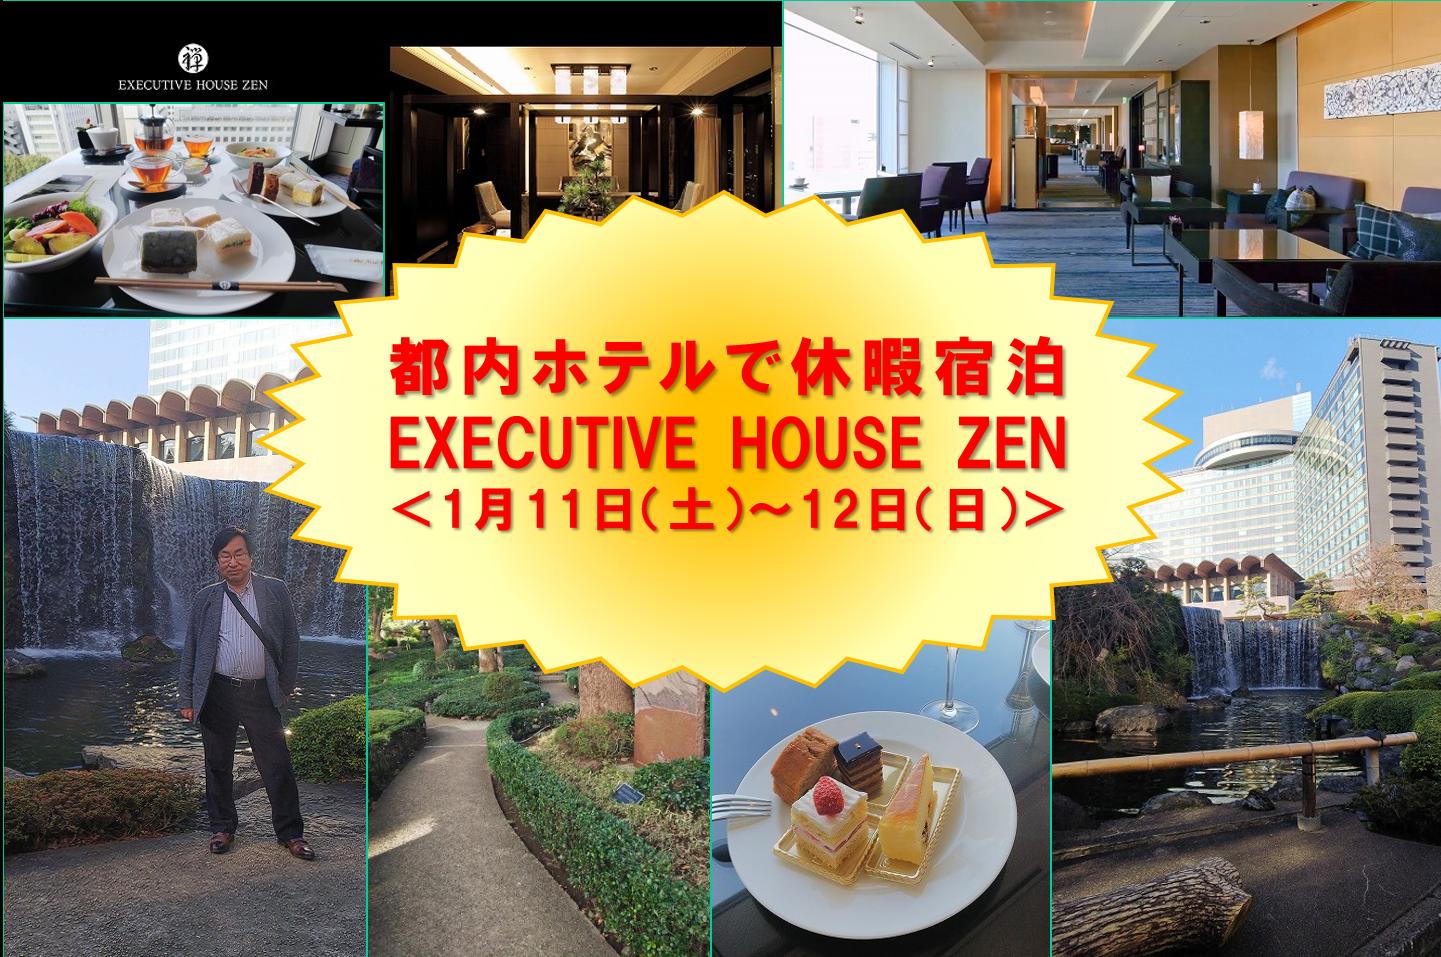 20_01_11_都内ホテルで休暇宿泊_EXECUTIVE HOUSE ZEN_AA